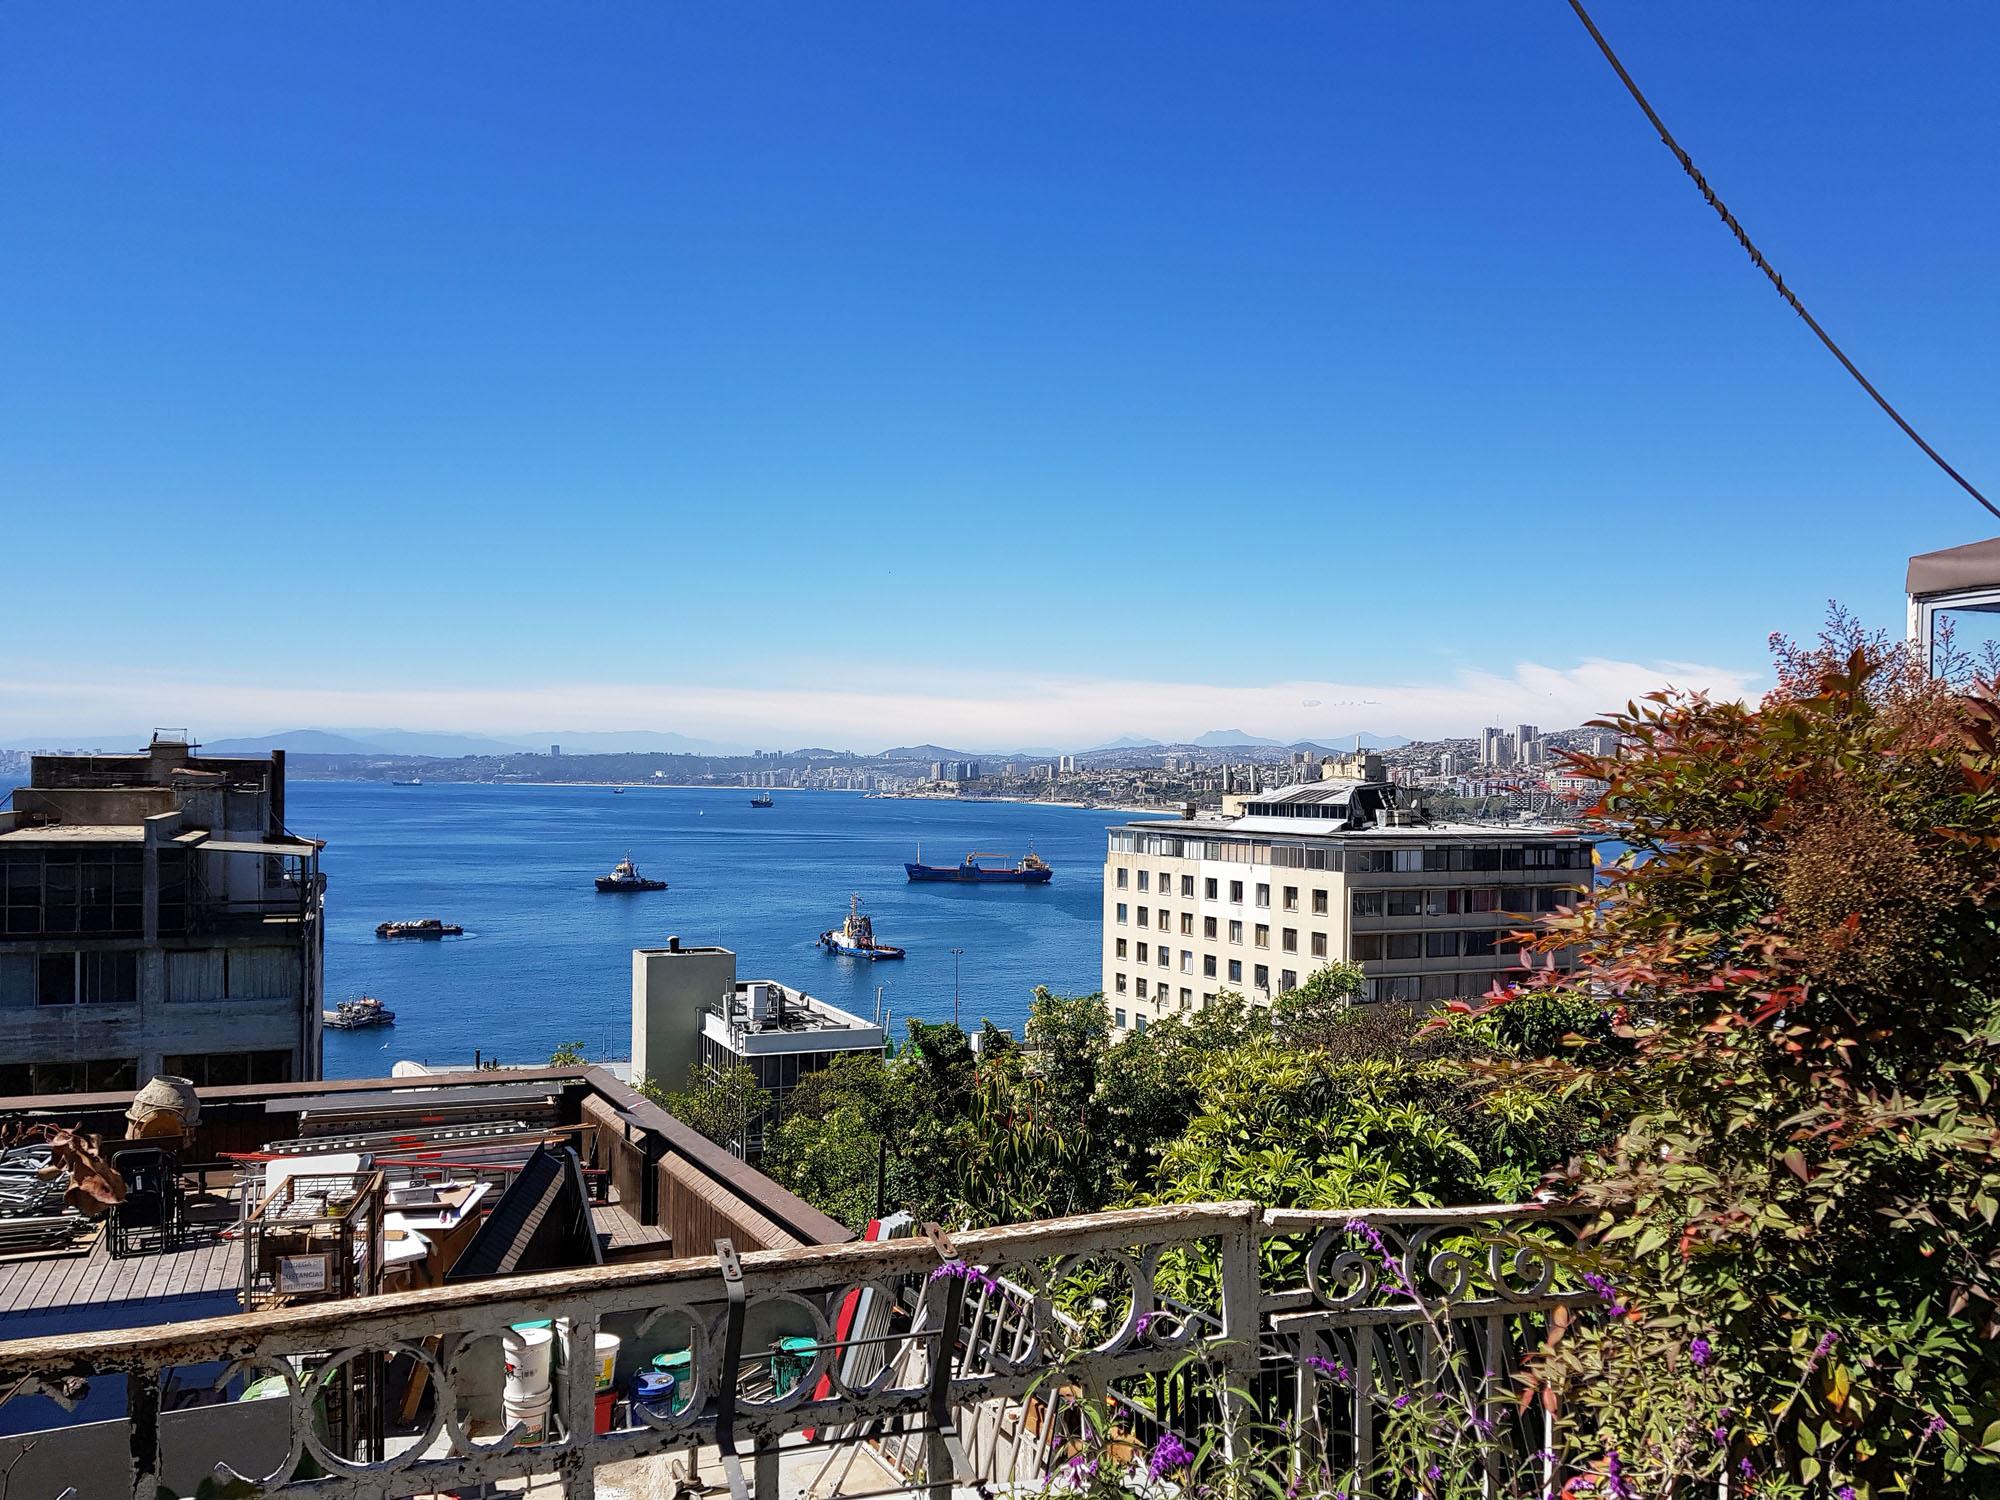 Blick zum Hafen von Valparaiso